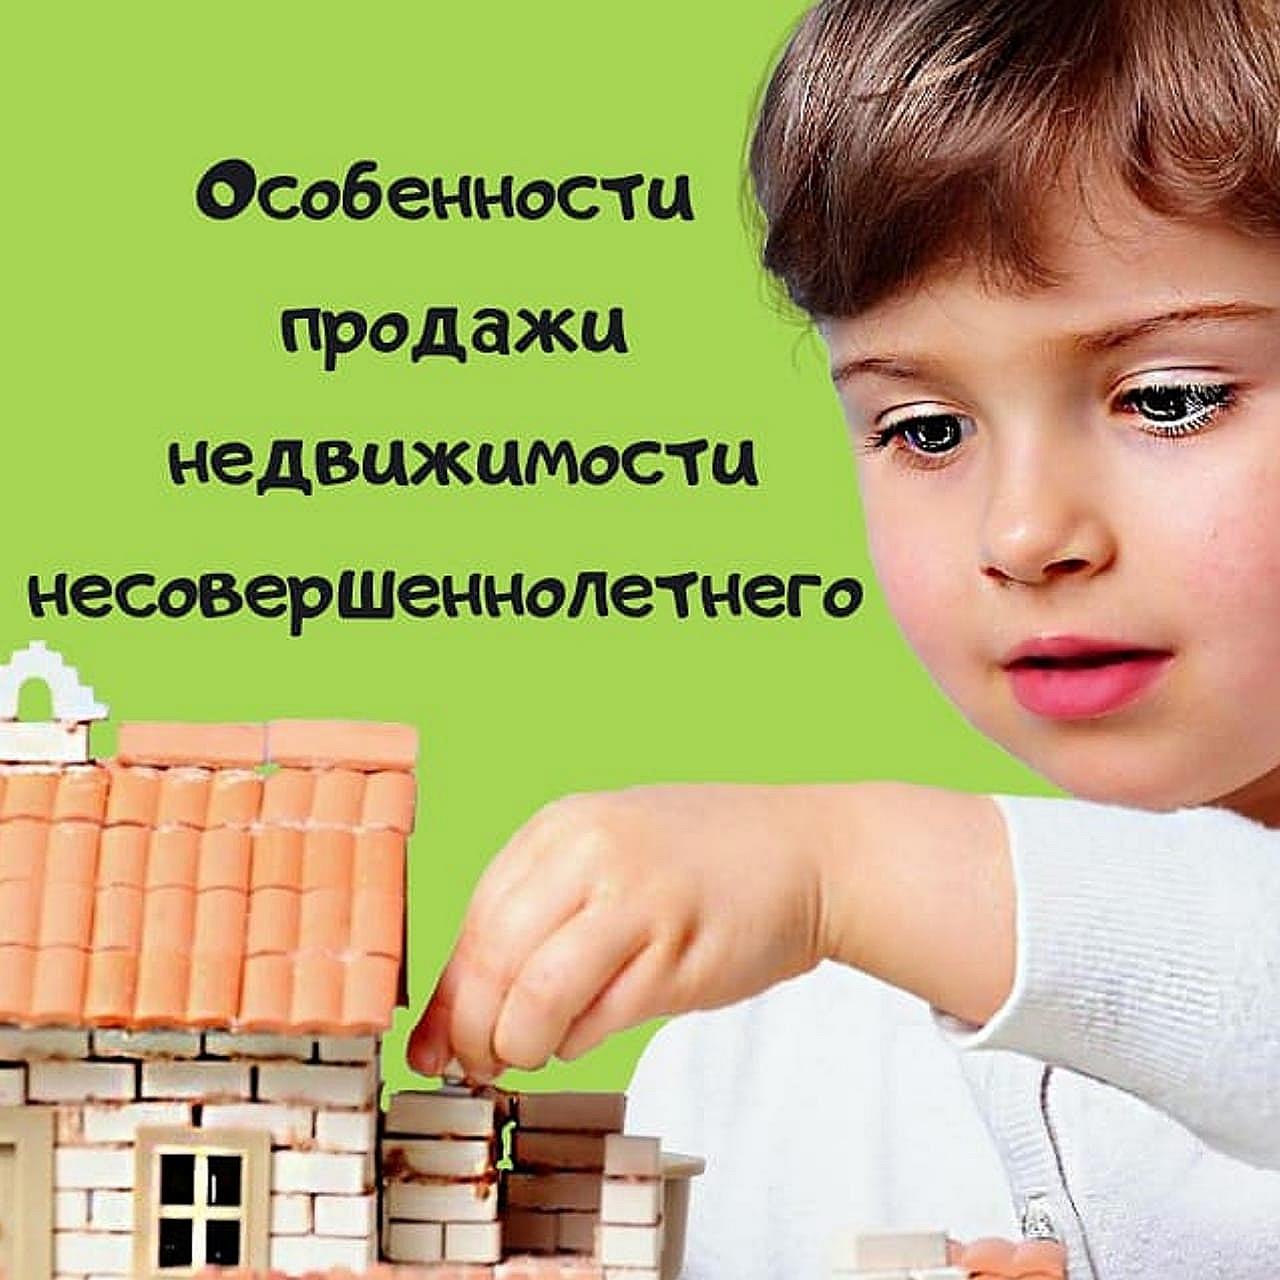 продать недвижимость несовершеннолетнего